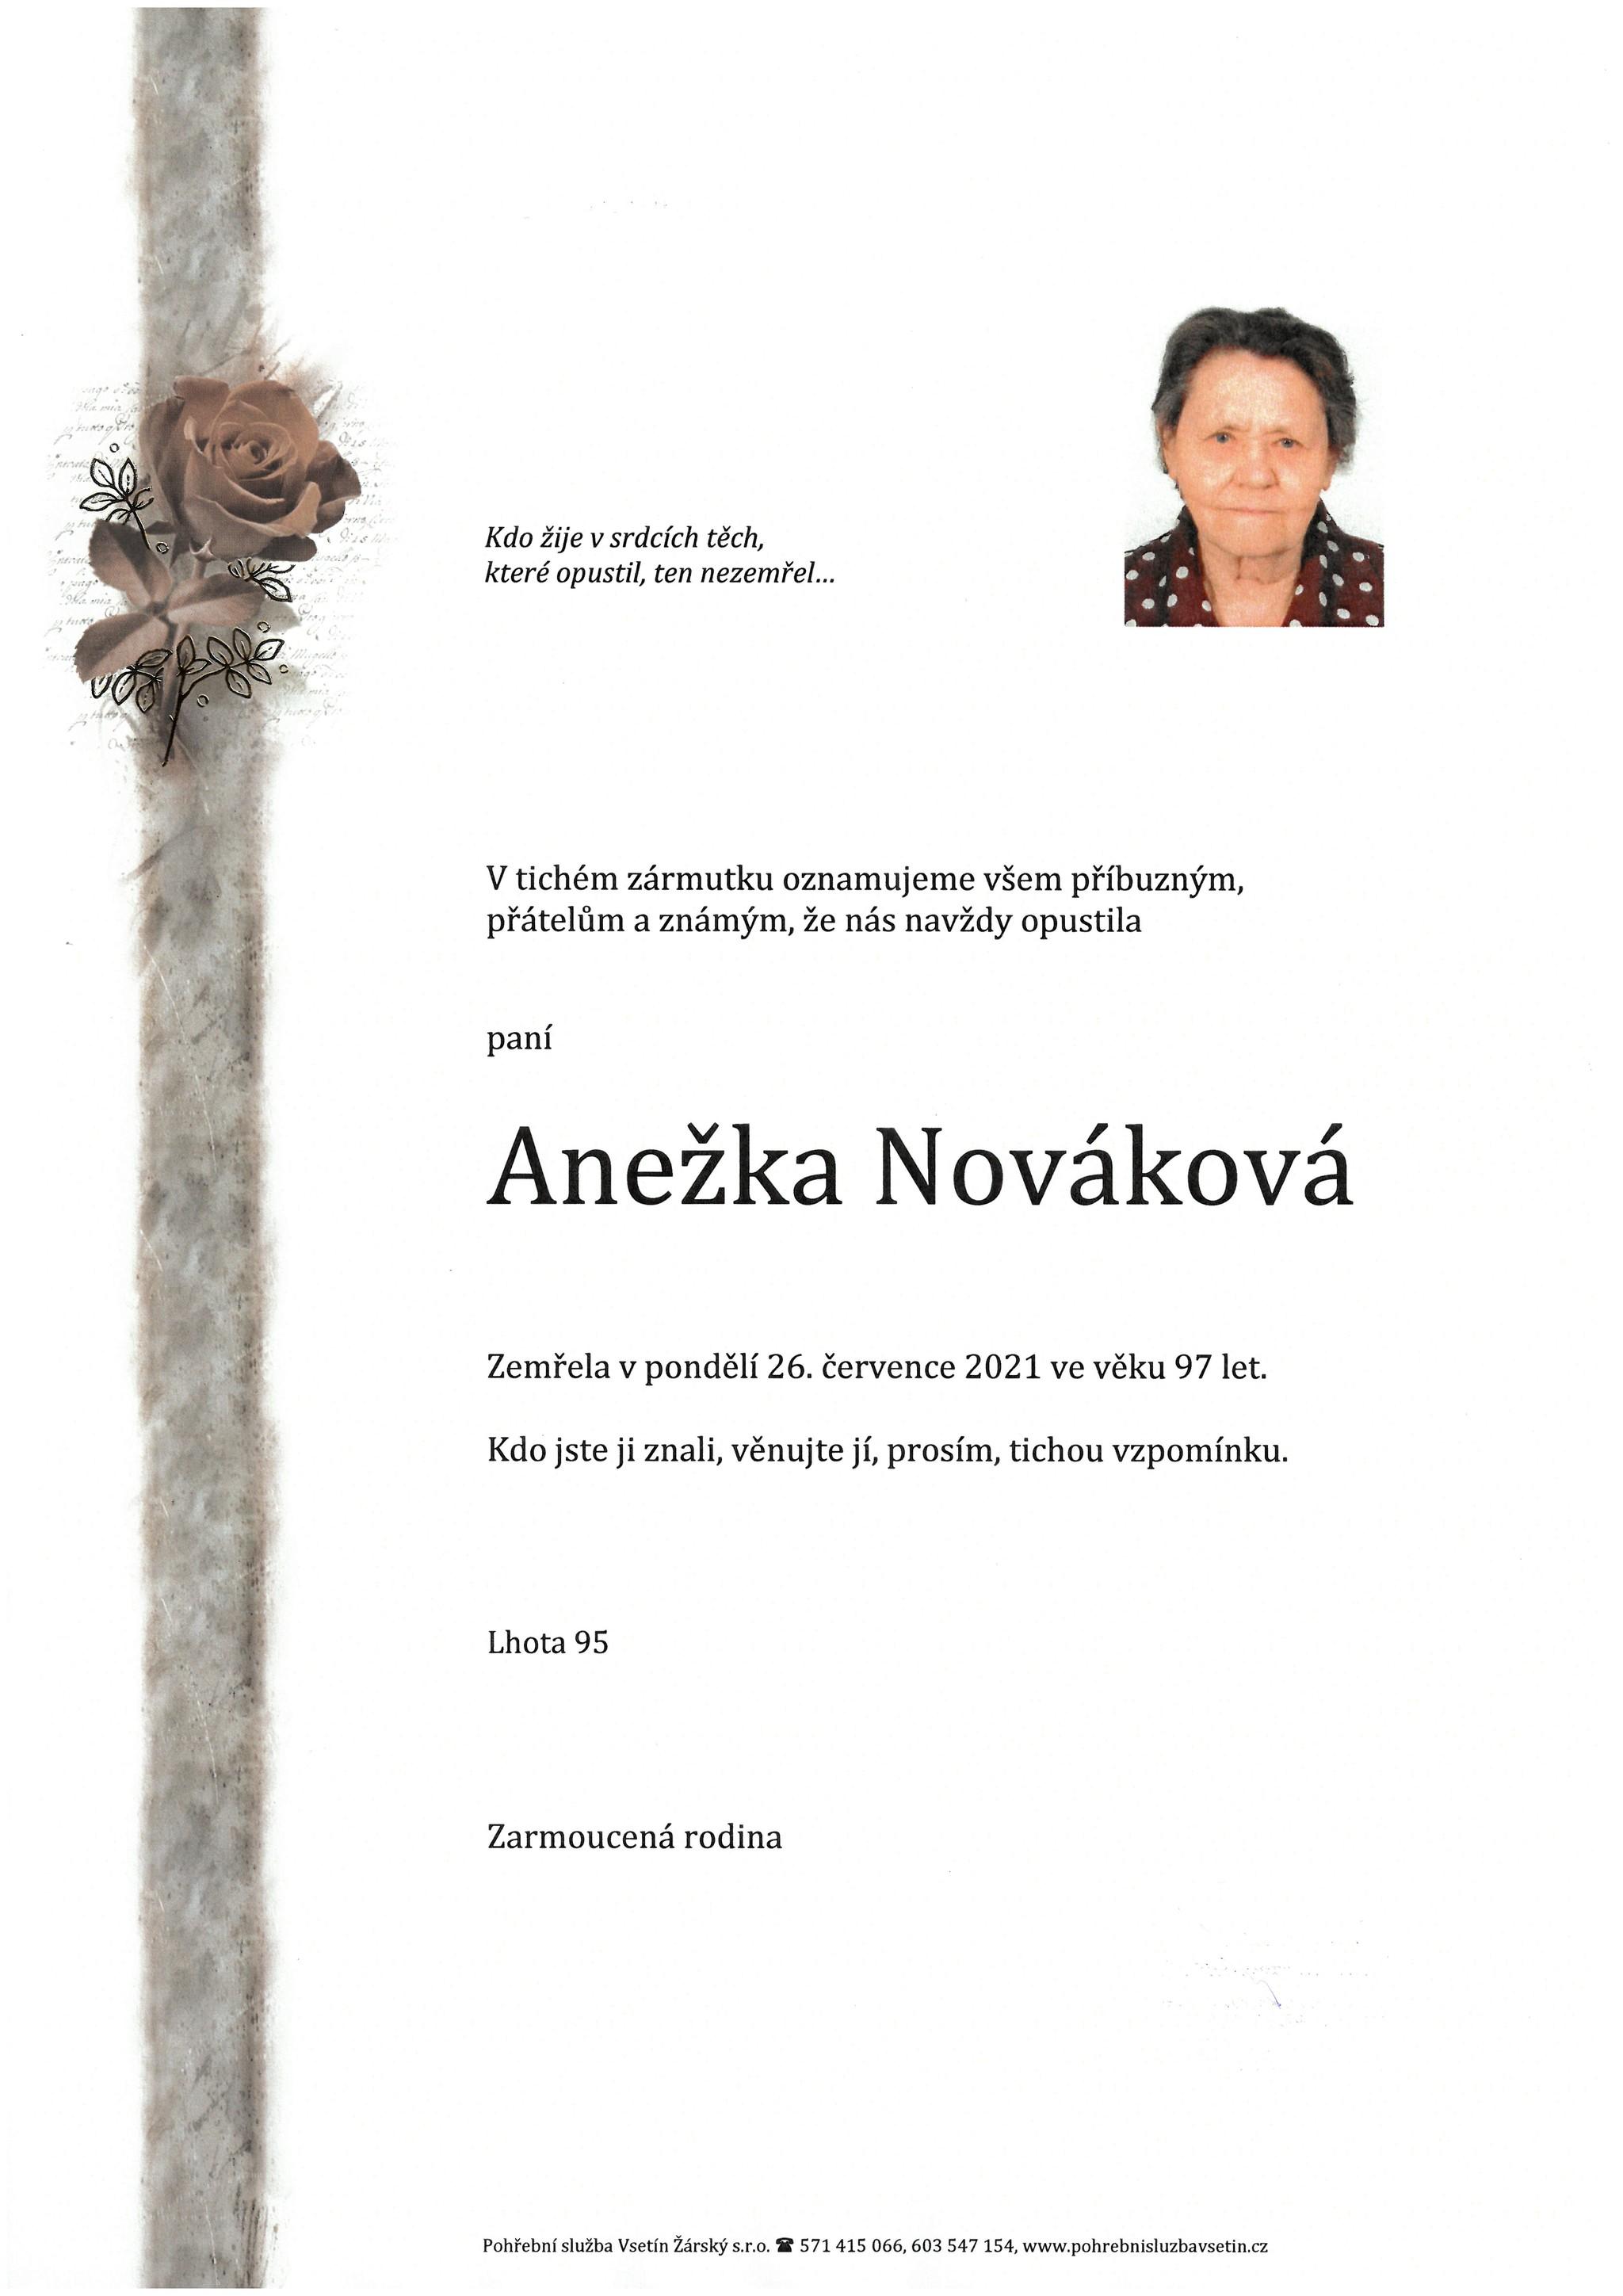 Anežka Nováková